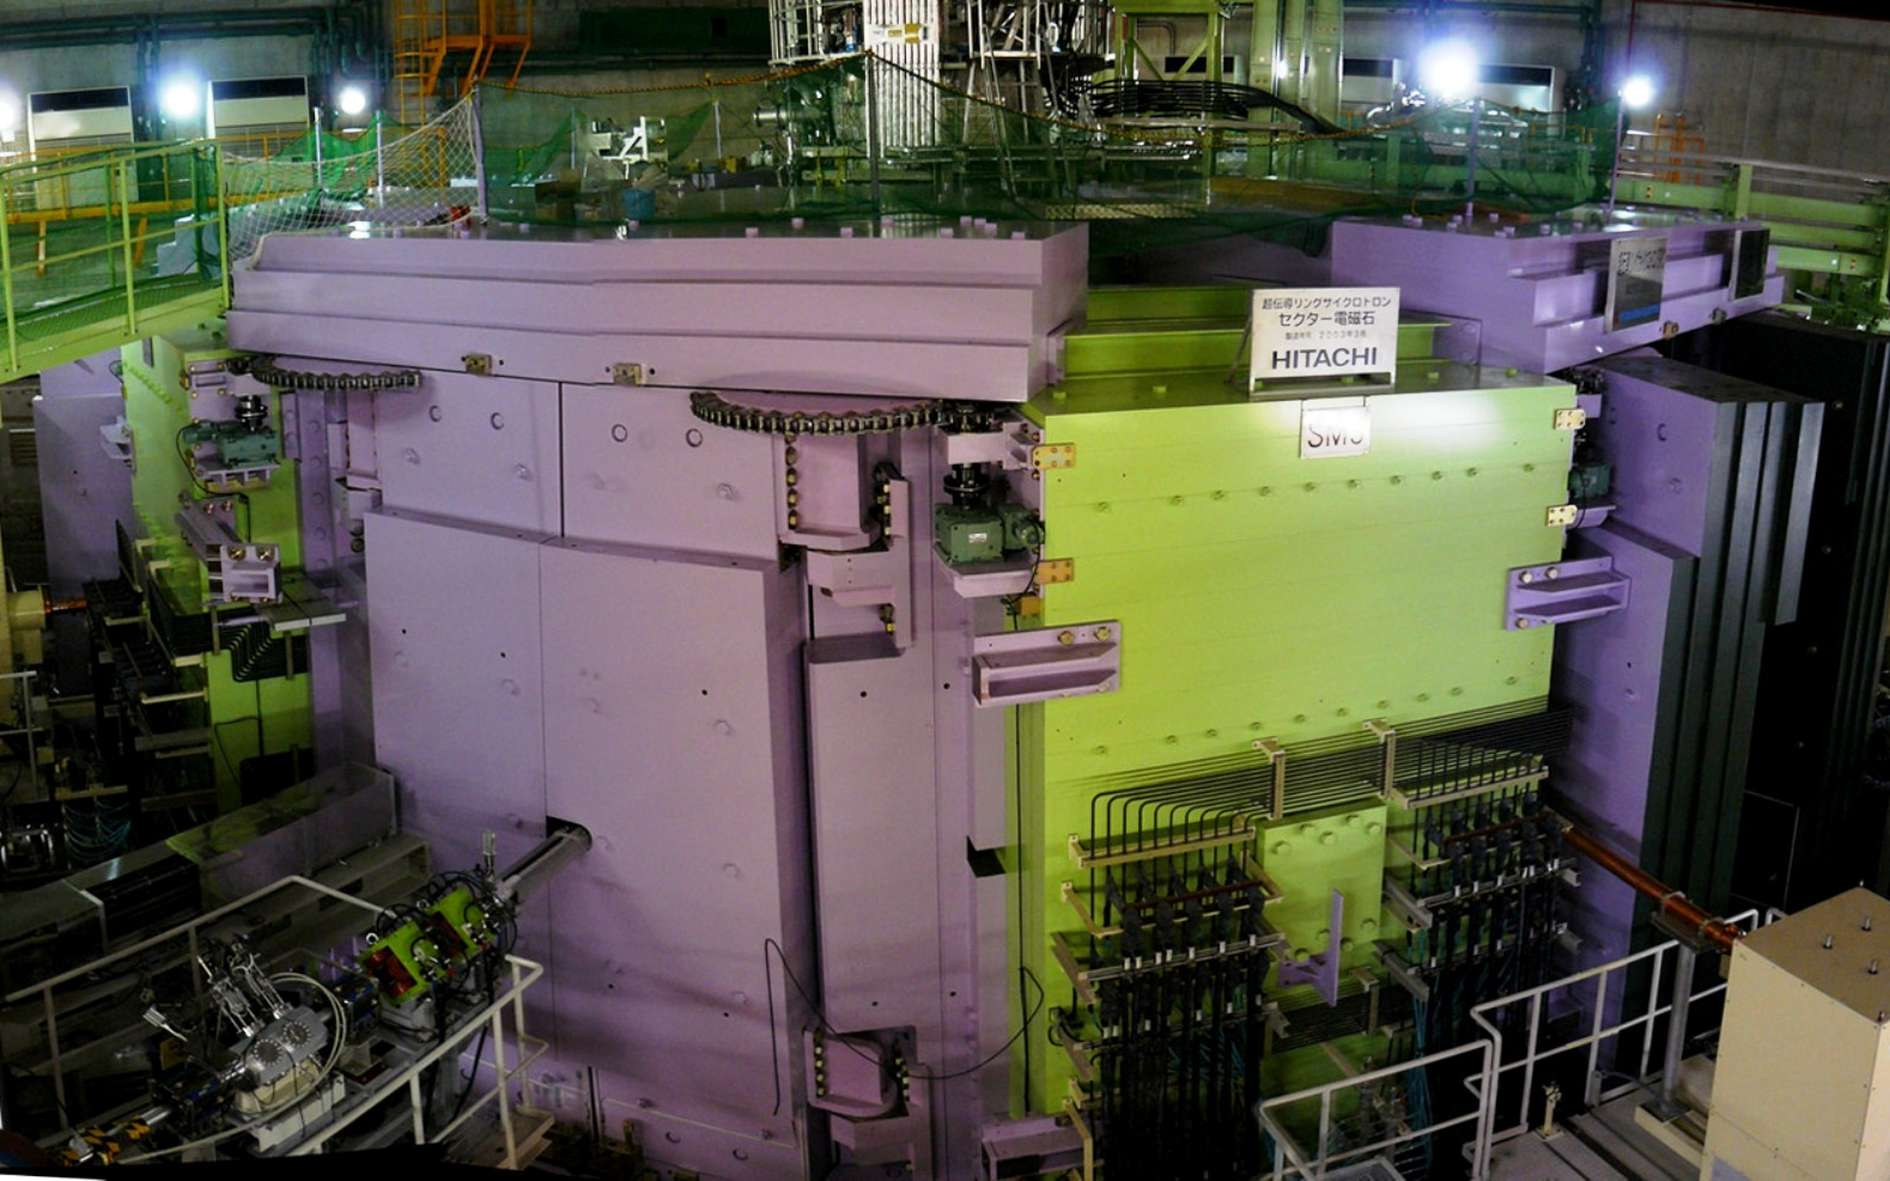 Un noyau exotique avec 4 neutrons, c'est possible ! Ici, une vue du cyclotron équipant le Radioactive Isotope Beam Factory du célèbre Institut de recherche scientifique japonais, le Riken. © Eto shorcy, CC by sa 3.0